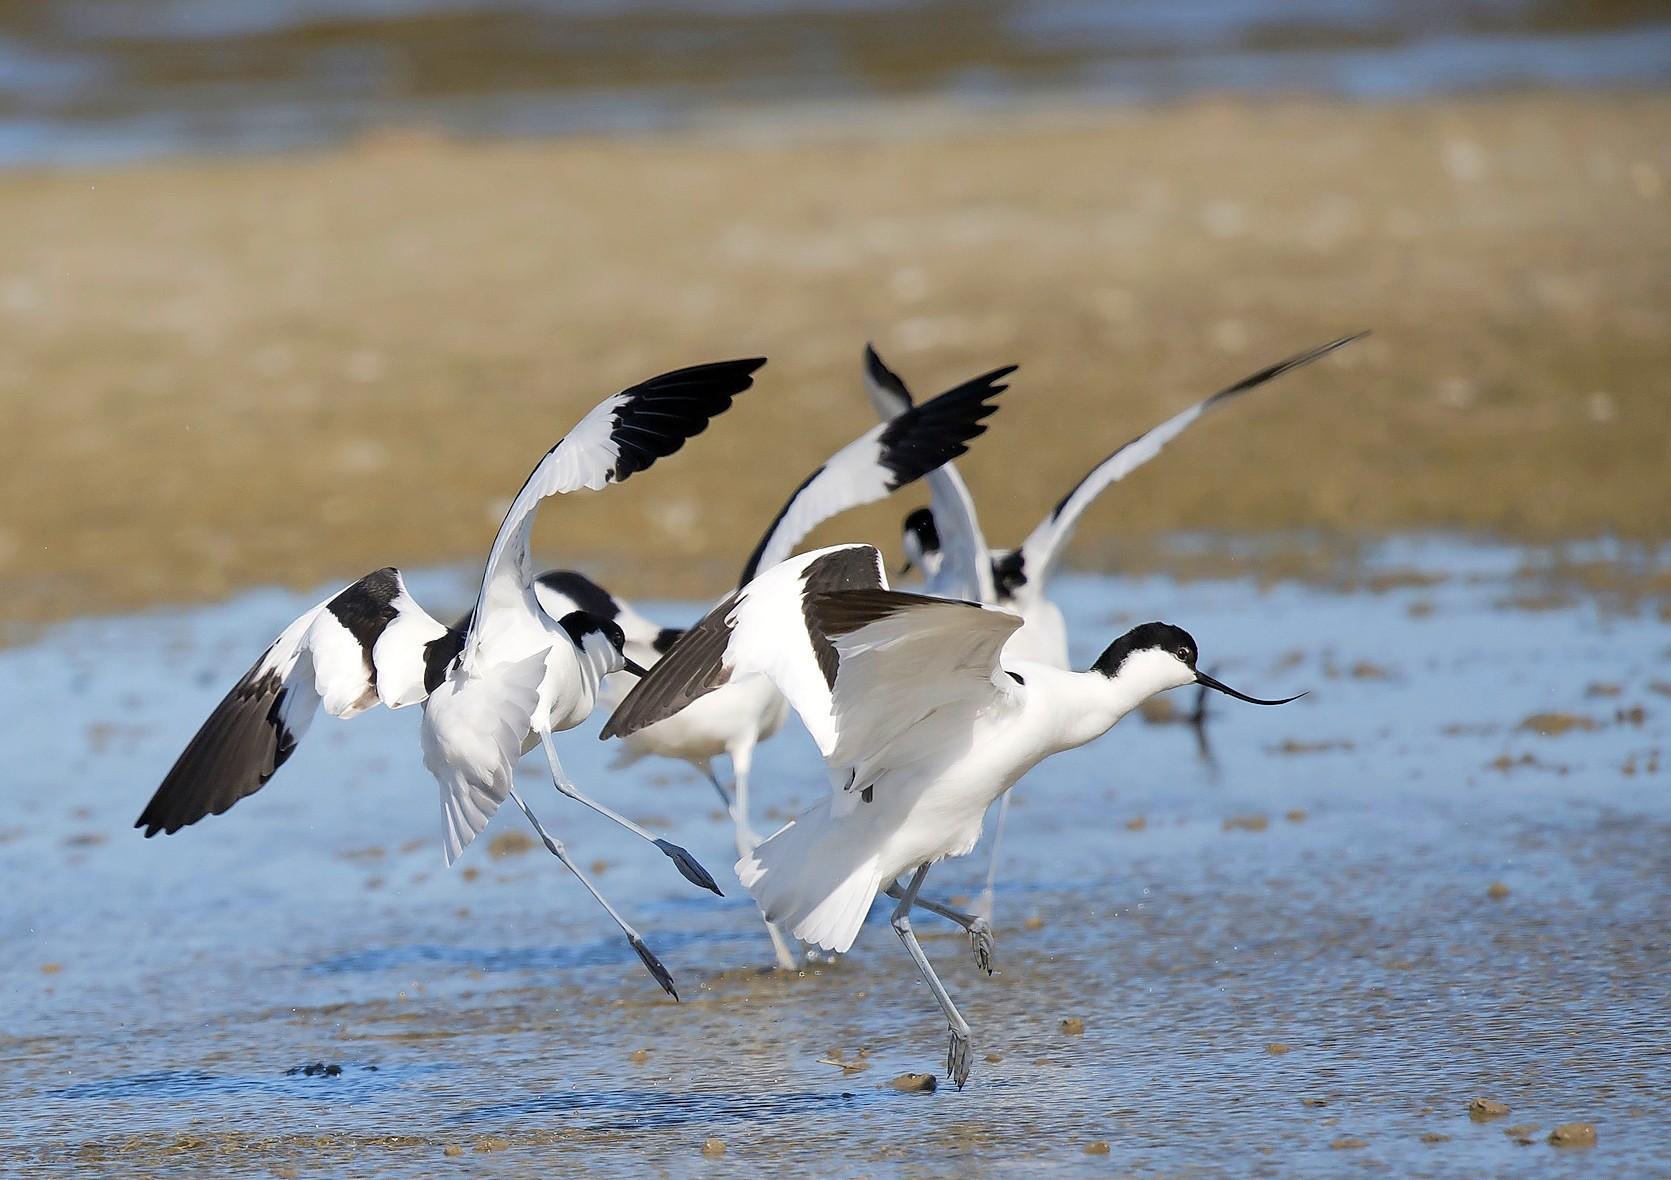 De natuur redden door grond te kopen? Zoals bij het Balgzand en de duinen tussen Den Helder en Callantsoog? Burgers hebben er oren naar. Actie van Landschap Noord-Holland gaat als een speer